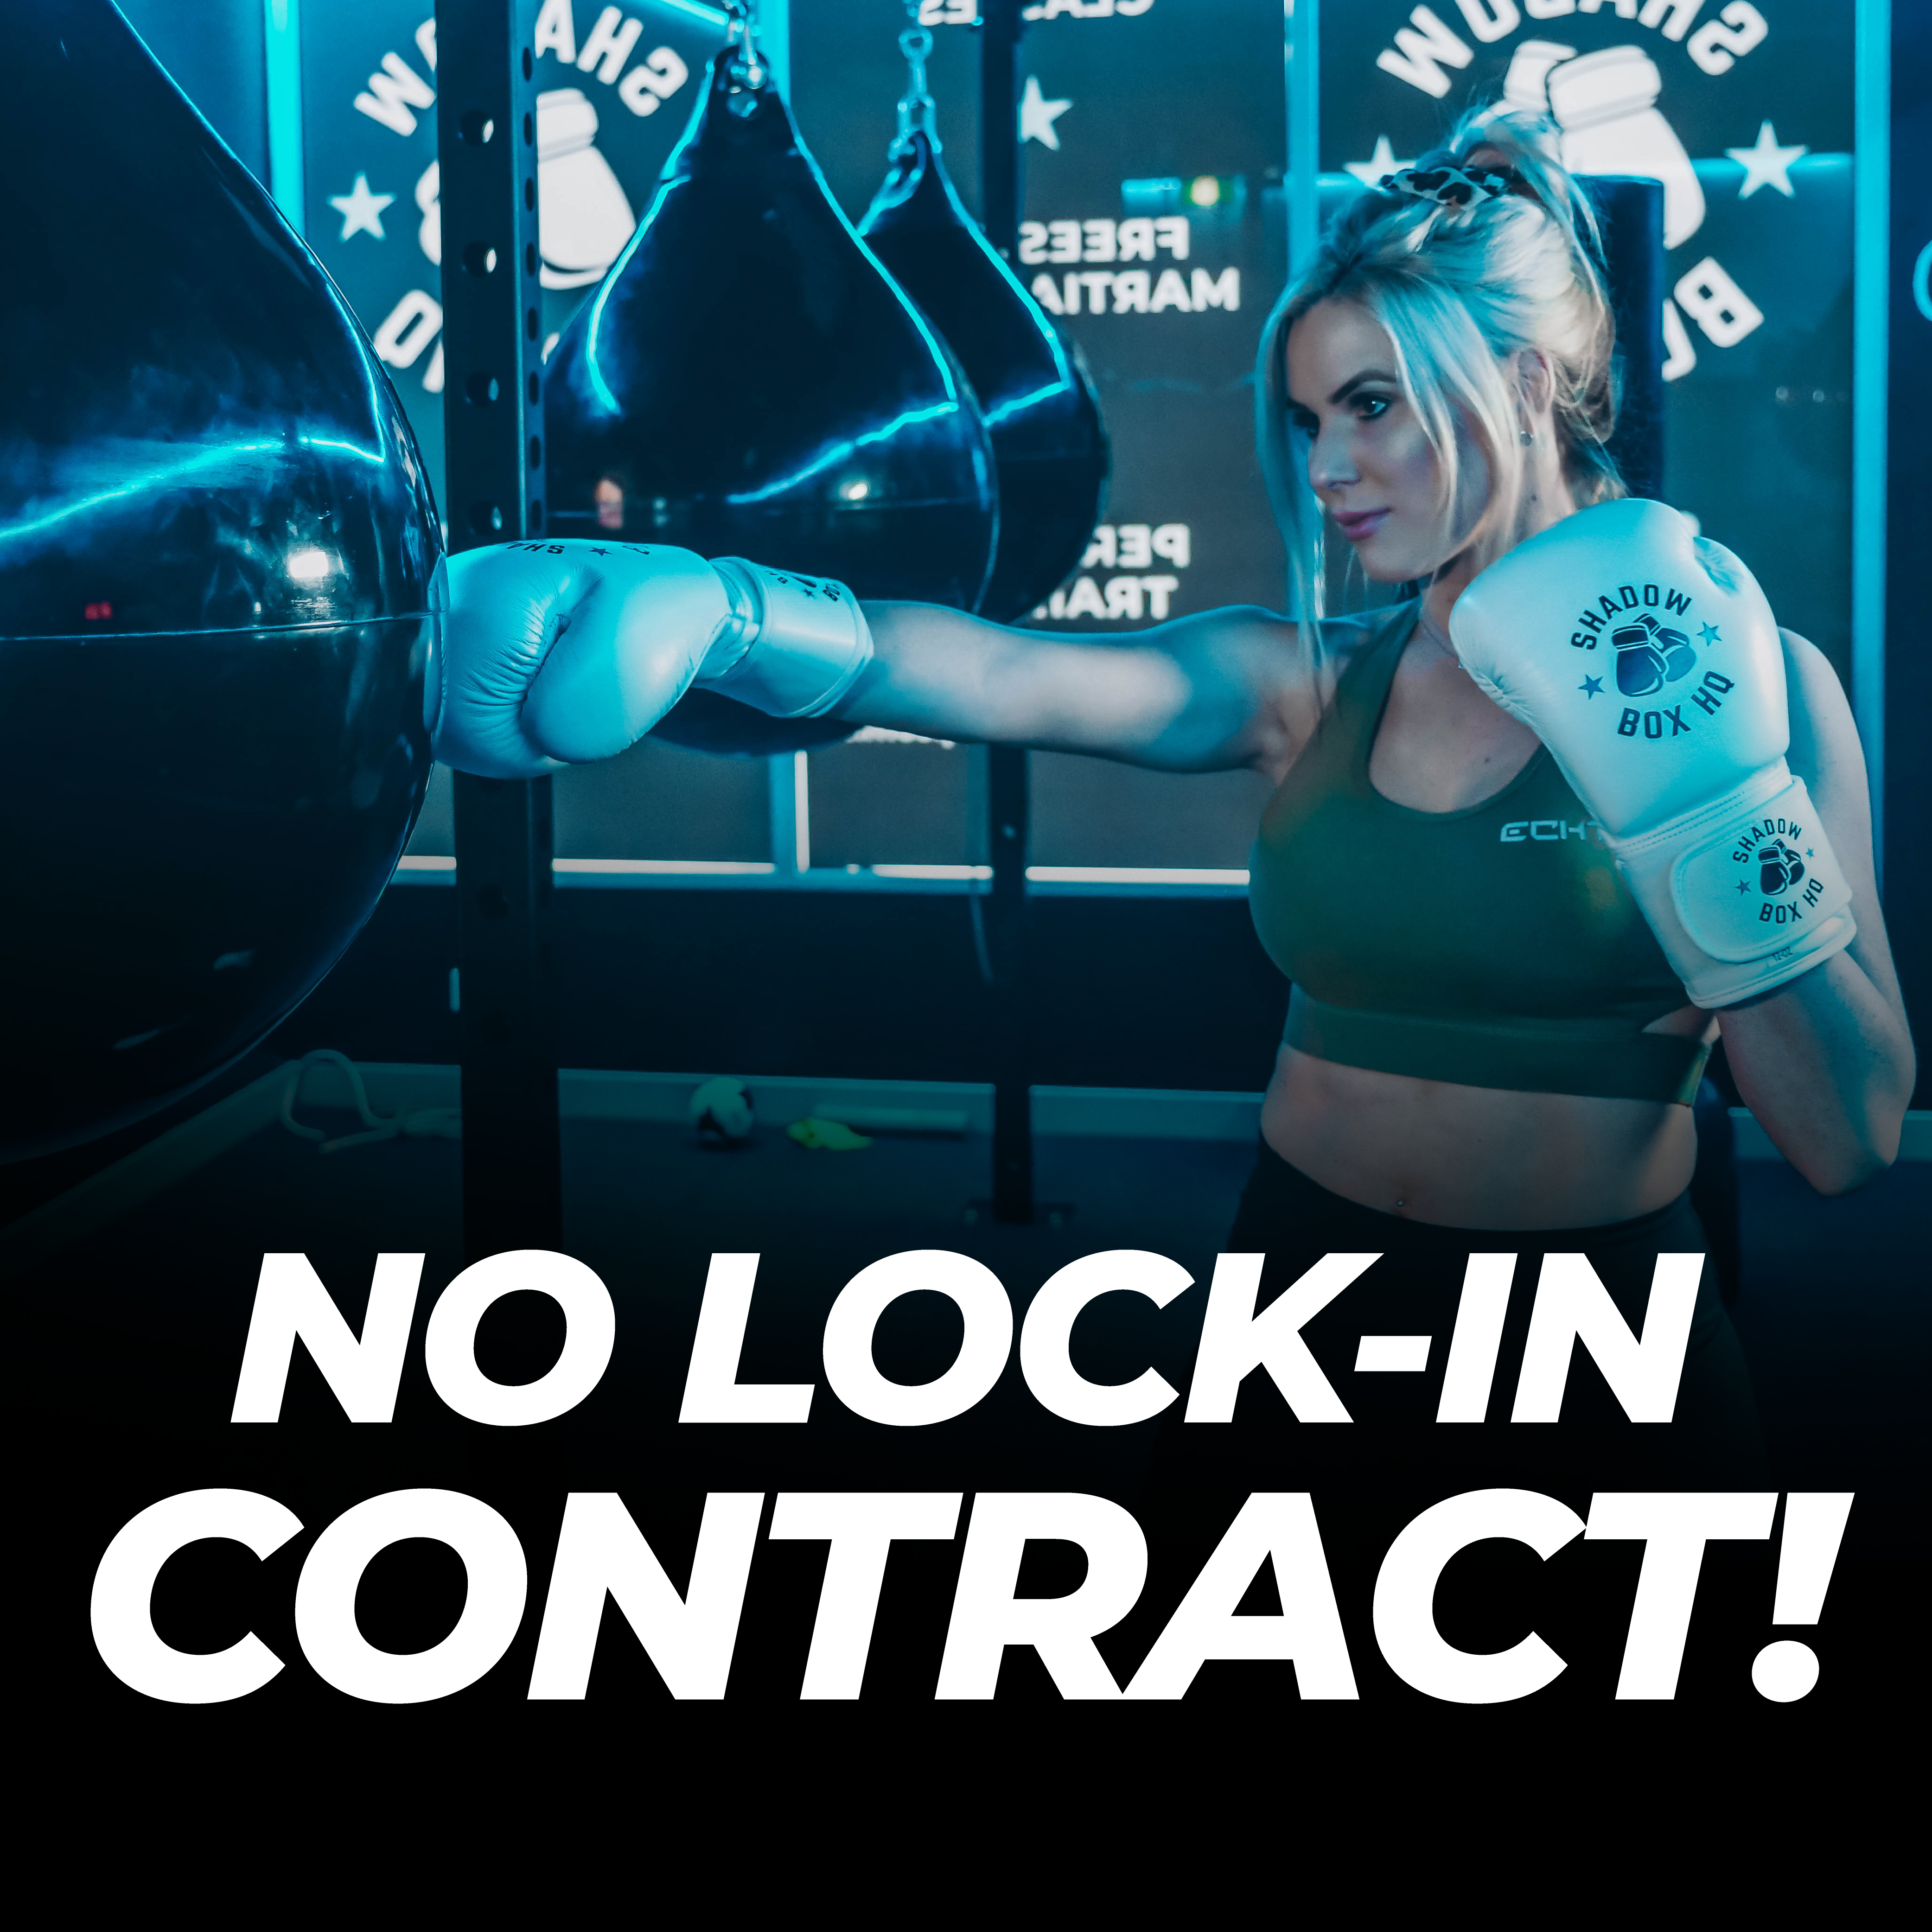 Shadowbox HQ and Bushidokai - No Contract